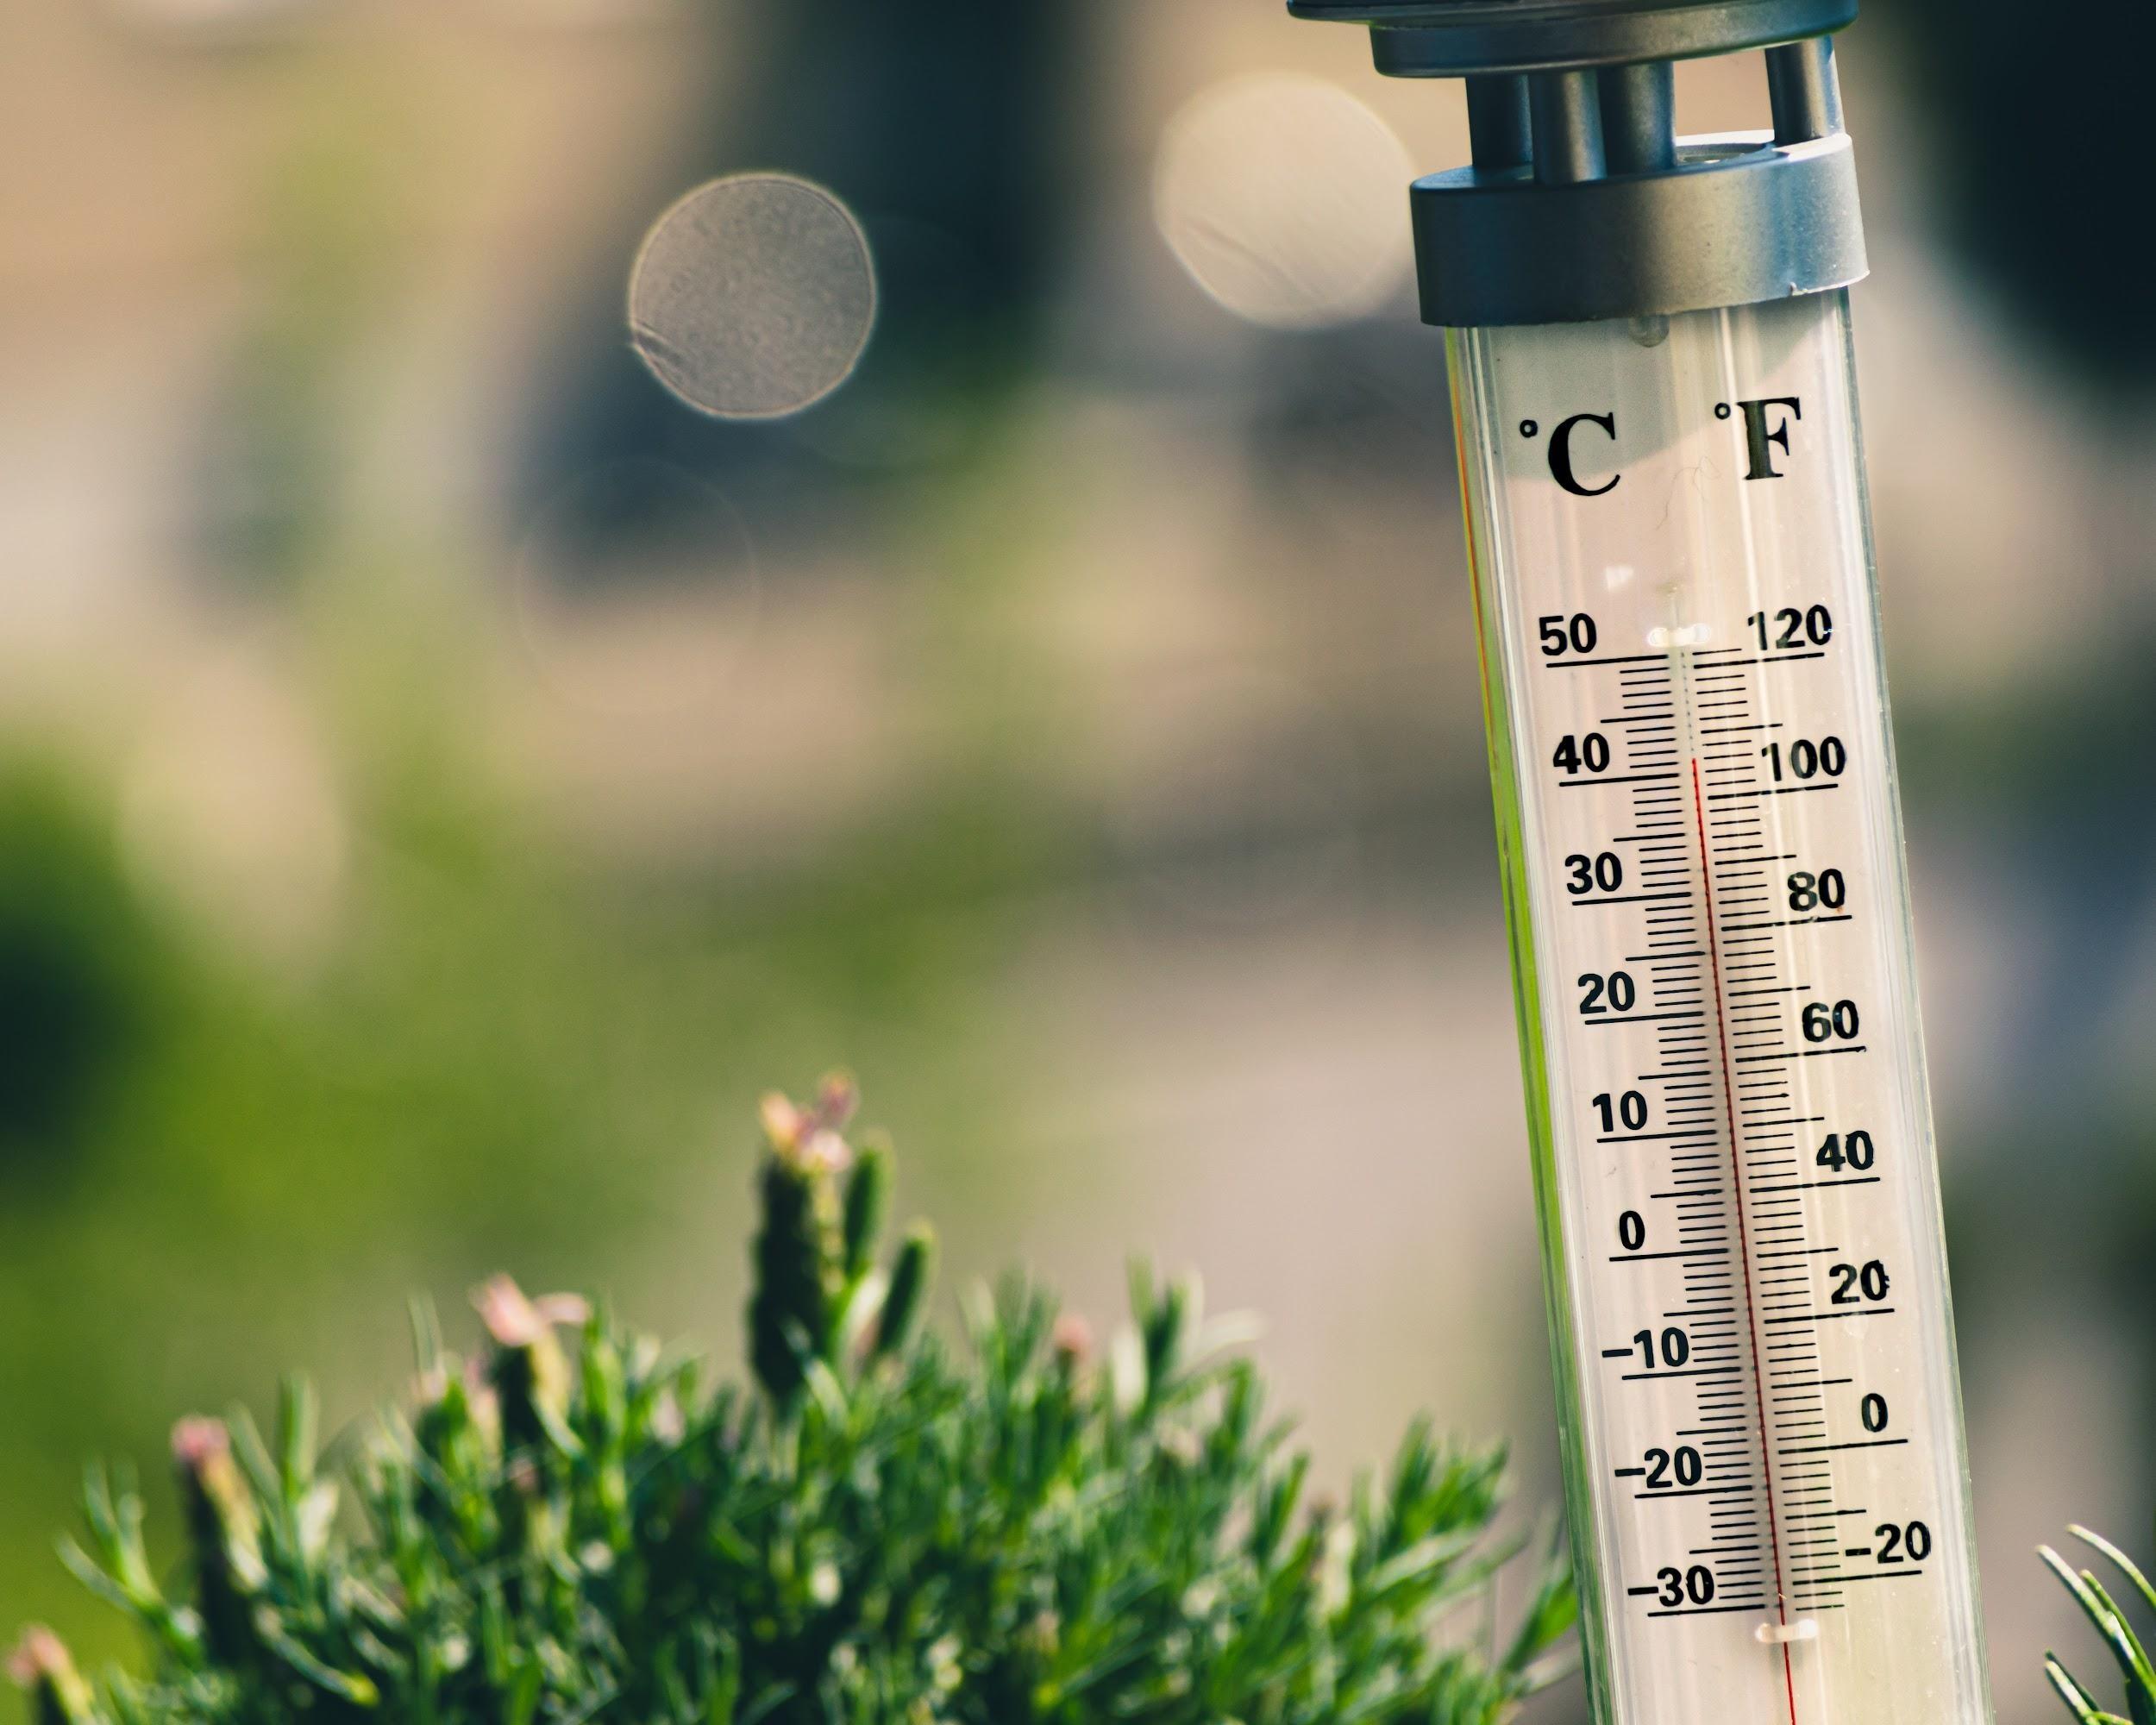 熱浪來襲,歐美各地溫度飆破 40 ℃